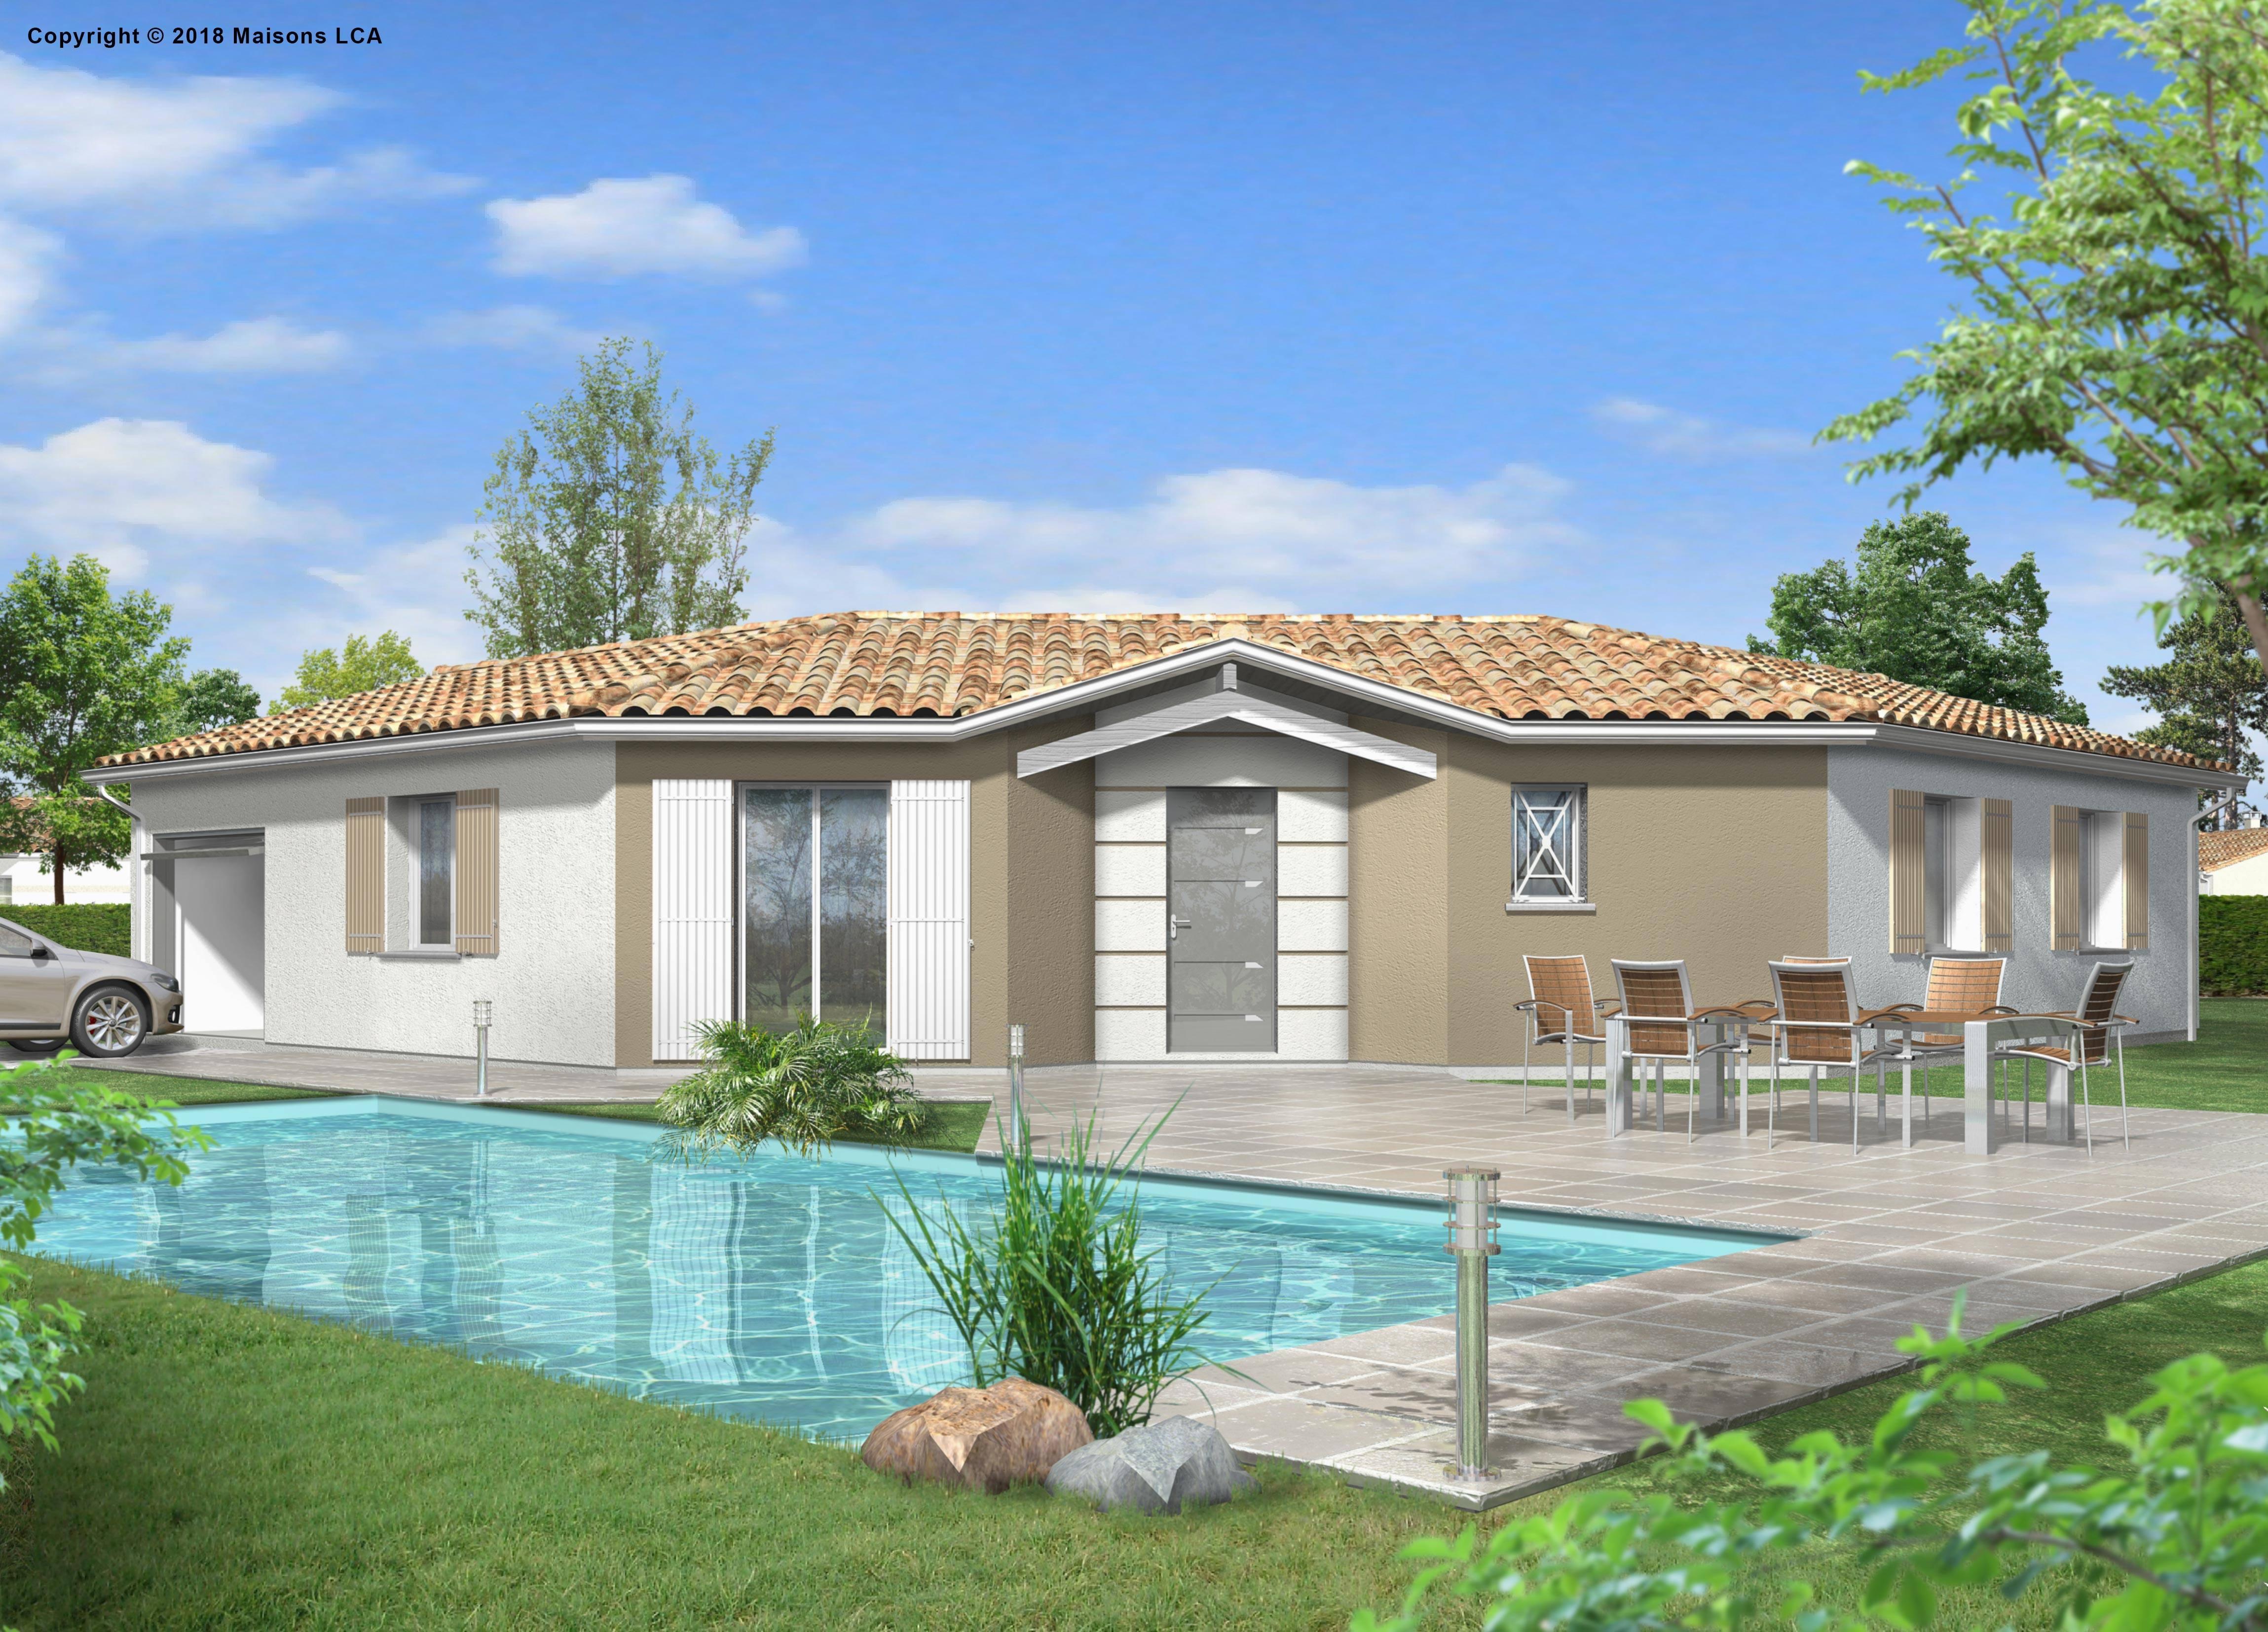 Maisons + Terrains du constructeur LCA CREON • 103 m² • SALLEBOEUF